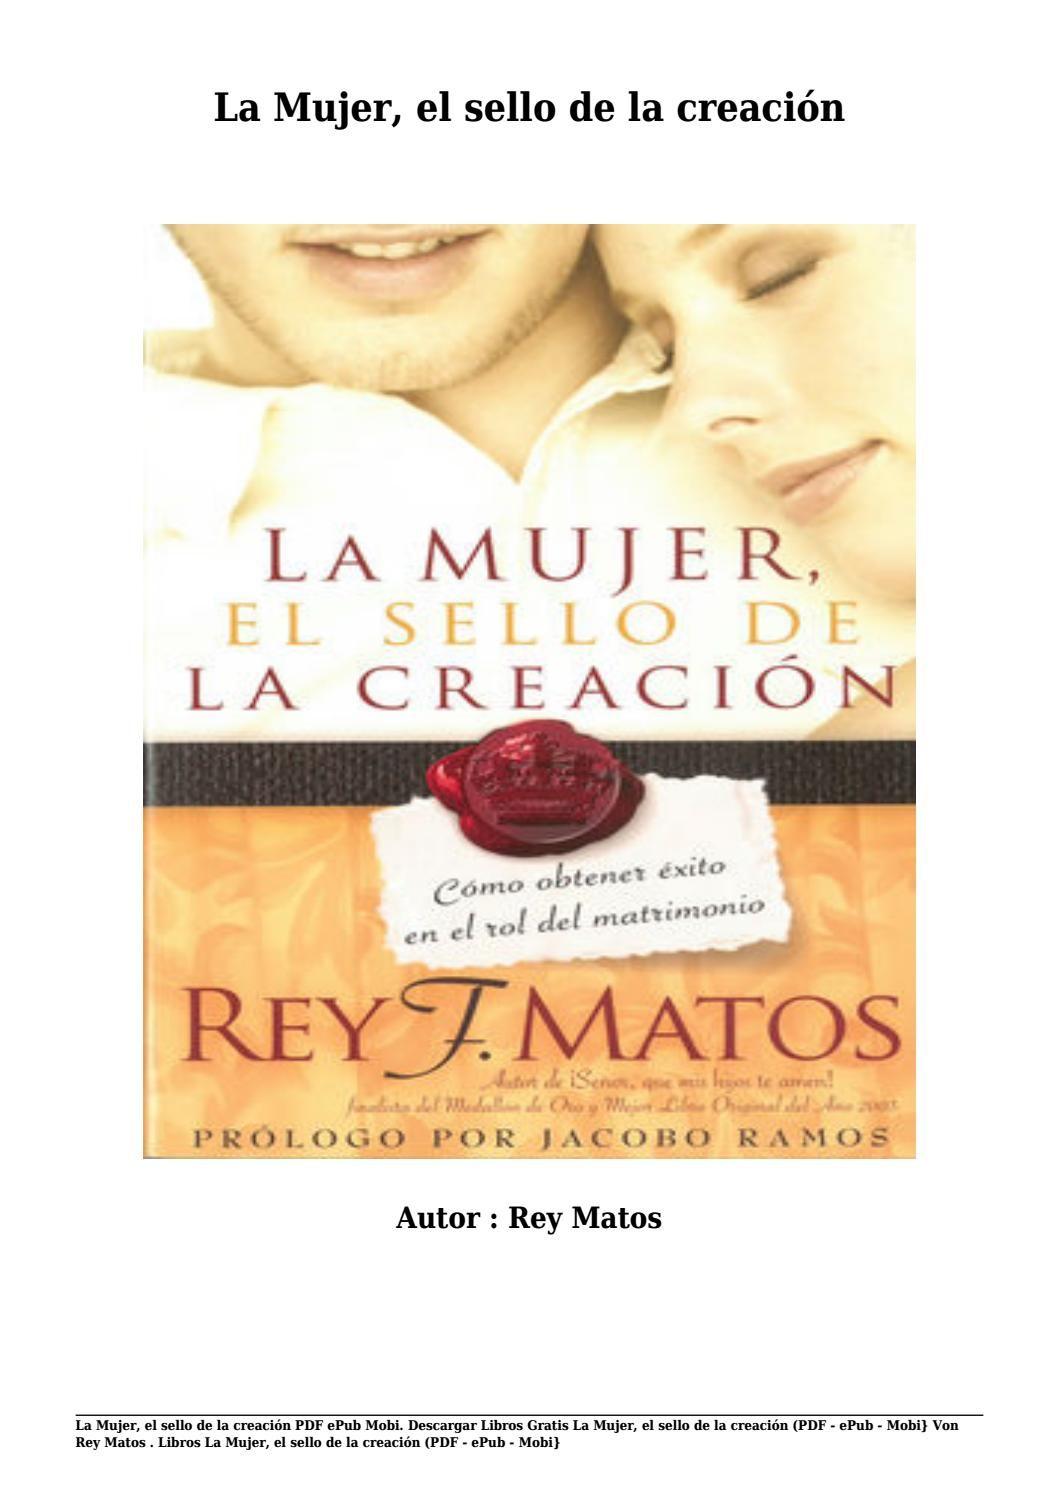 Descargar Libros Gratis La Mujer, El Sello De La Creación Von Rey Matos (pdf Epub Mobien 2019 ... @tataya.com.mxen 2019 ... @tataya.com.mx 2021